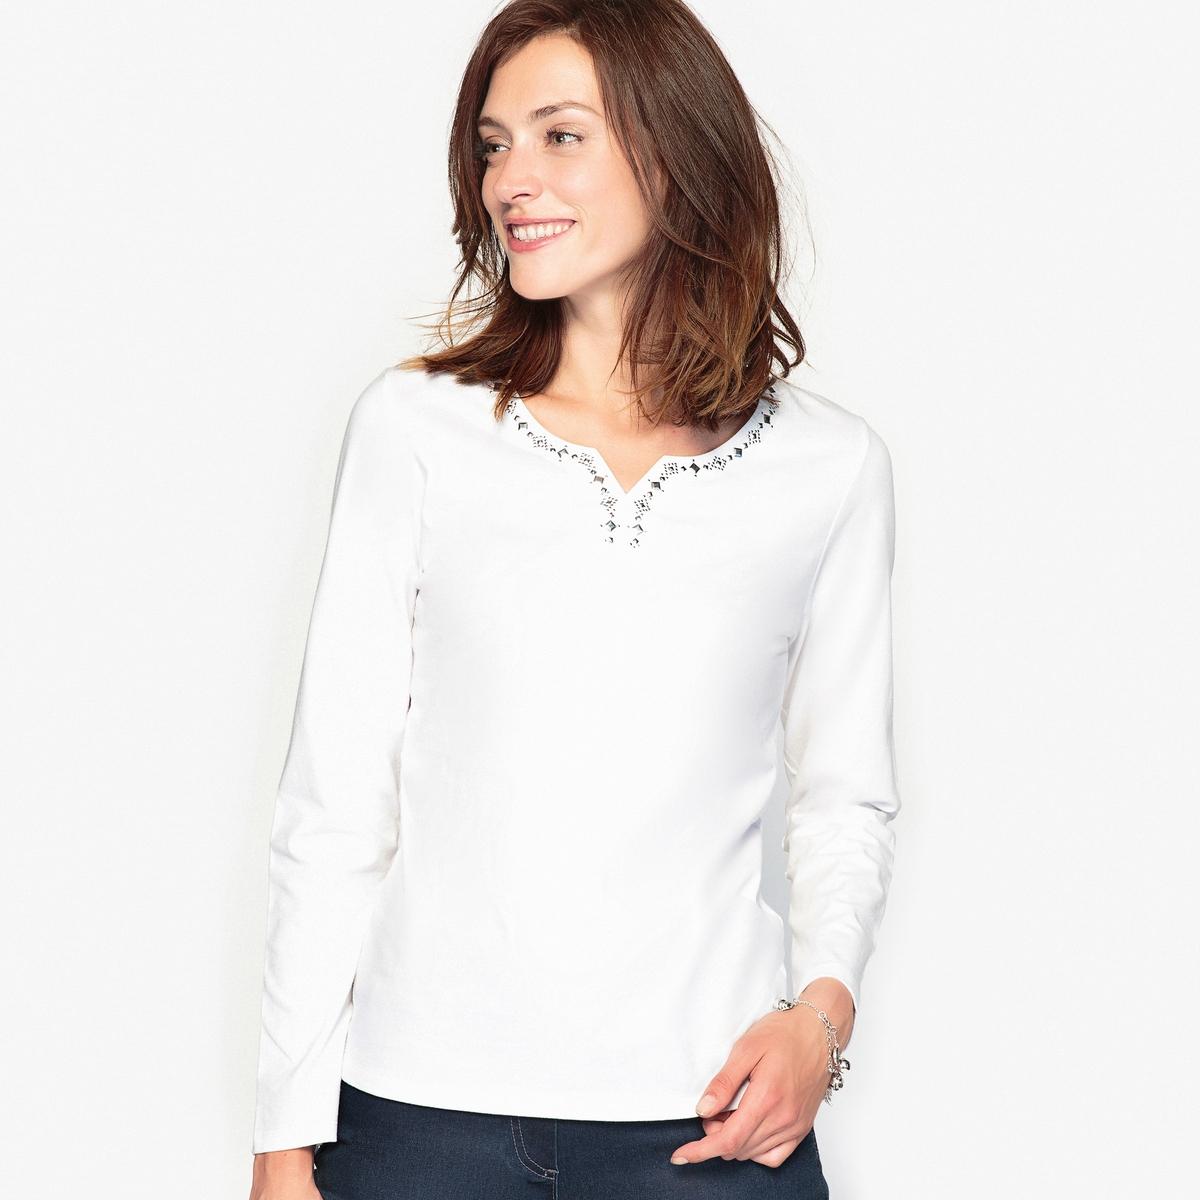 Футболка, 100% чесаный хлопокОригинальная футболка. Женственная футболка с круглым вырезом с разрезом спереди и оригинальными стразами серебристого цвета. Длинные рукава.Состав и описание :Материал : джерси, 100% чесаный  хлопок.Длина 62 см. Марка : Anne Weyburn Уход :Машинная стирка при 30 °C.Гладить при низкой температуре.<br><br>Цвет: белый,темно-синий<br>Размер: 46/48 (FR) - 52/54 (RUS).46/48 (FR) - 52/54 (RUS)